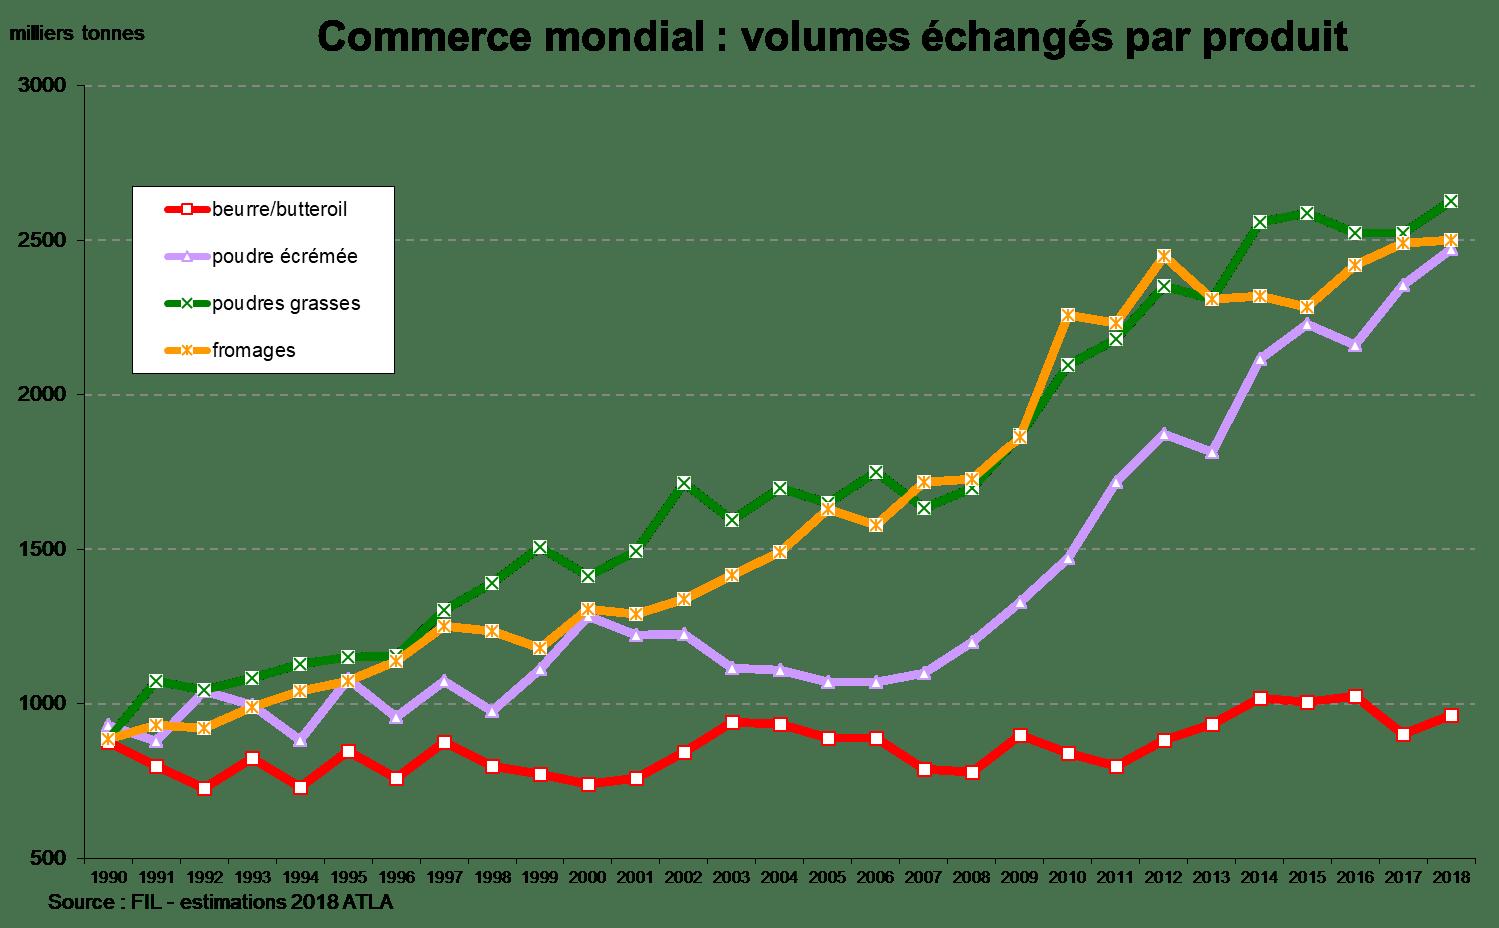 volumes-echanges-ingredients-laitiers-1990-2018